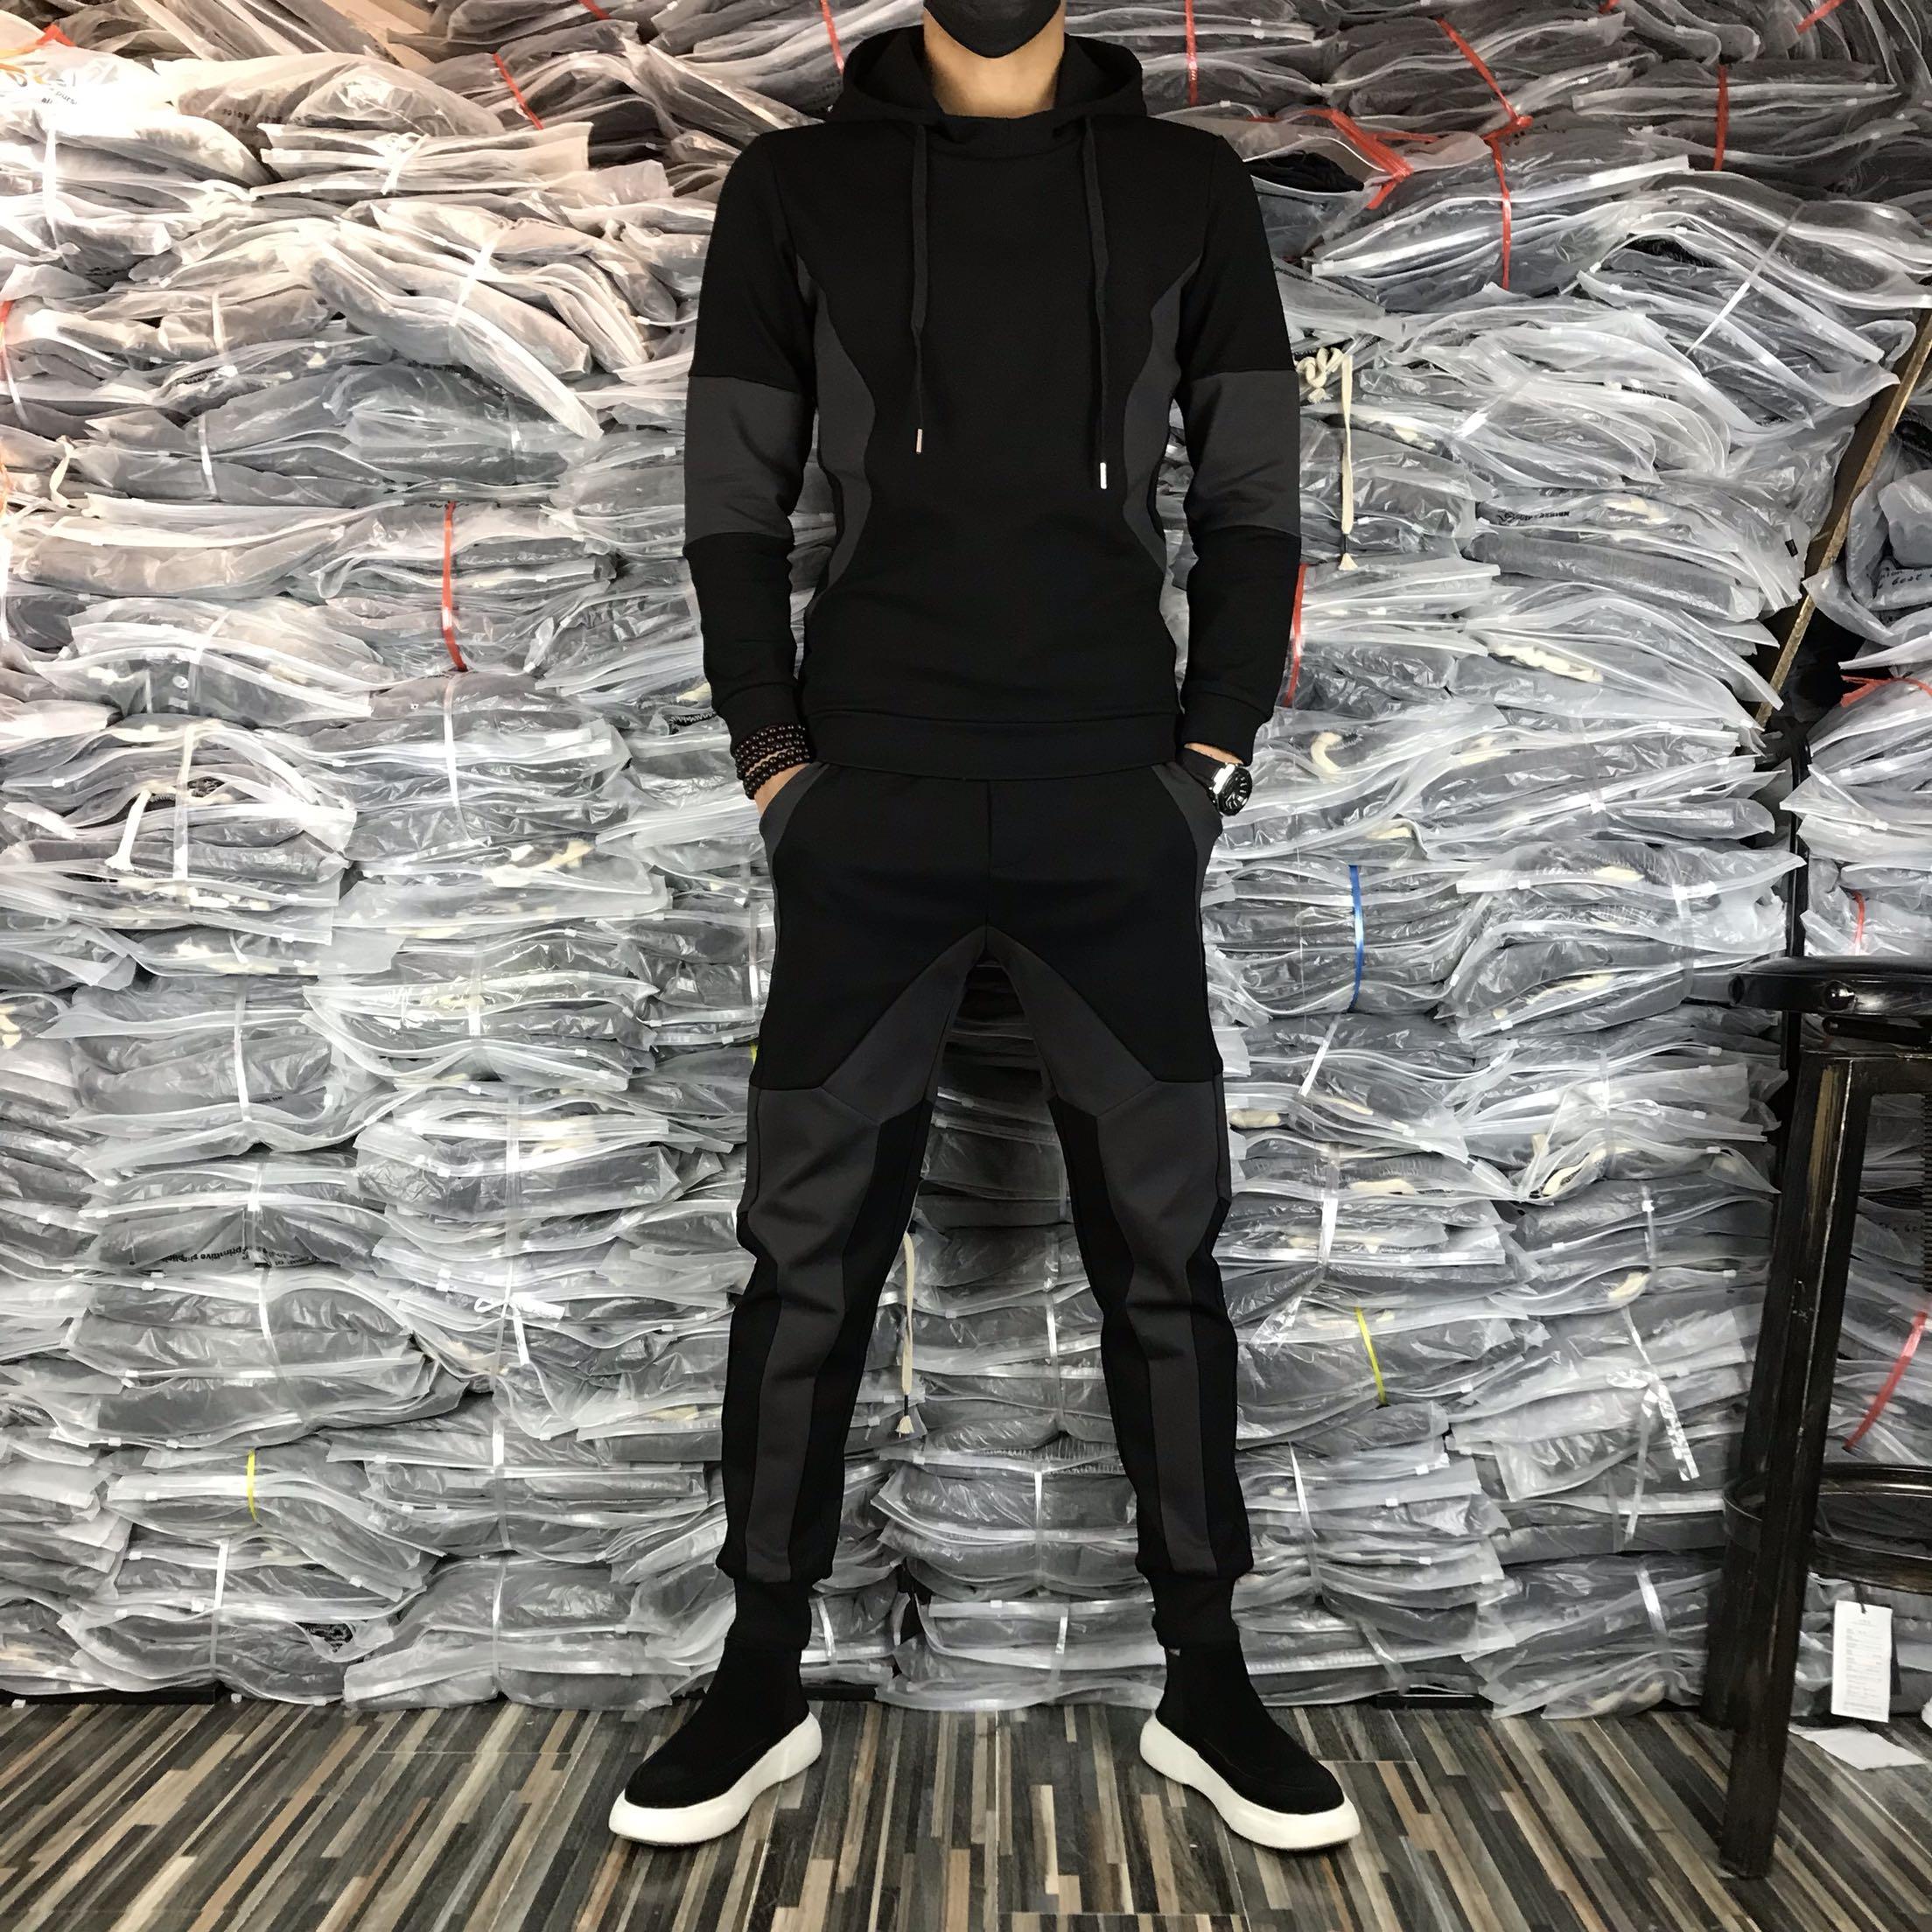 00115秋冬男士休闲套装时尚潮流拼接修身保暖加绒卫衣运动两件套